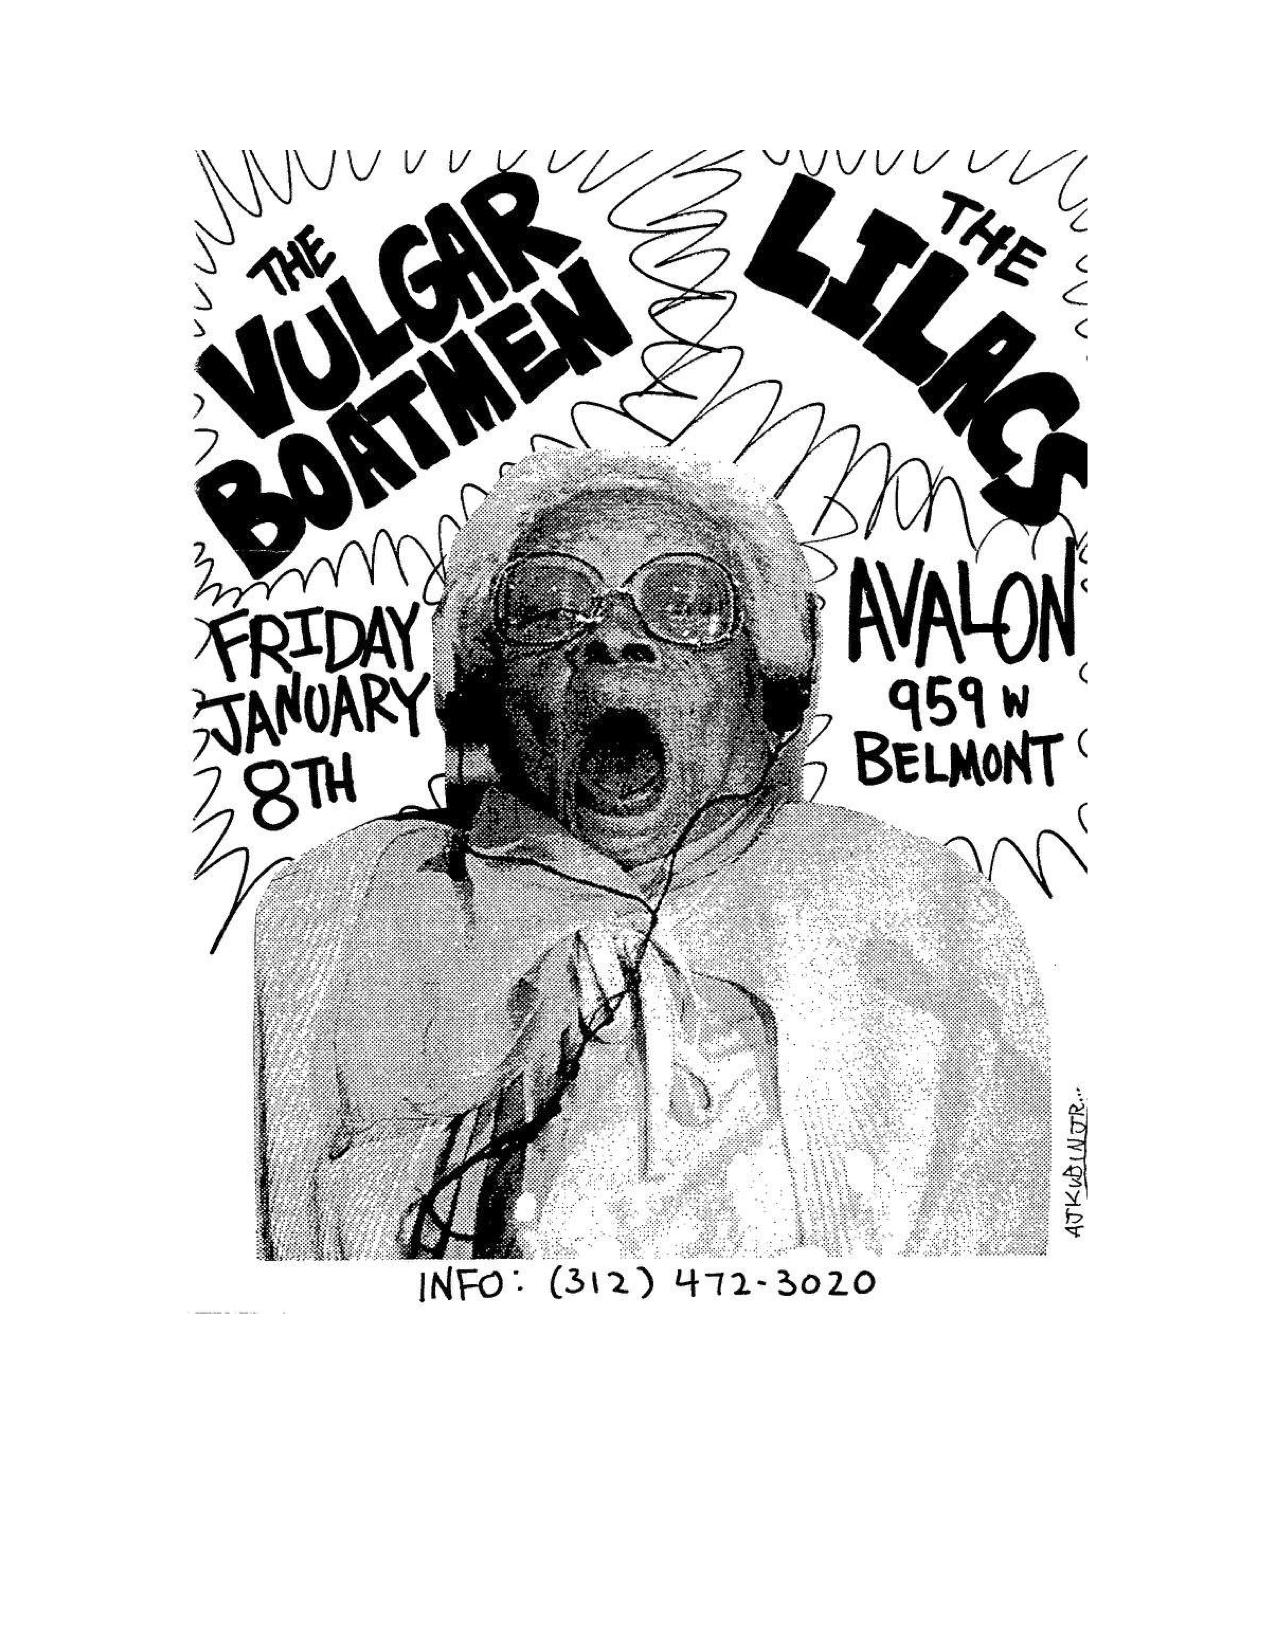 The Lilacs Poster 29 (Vulgar Boatmen).jpg